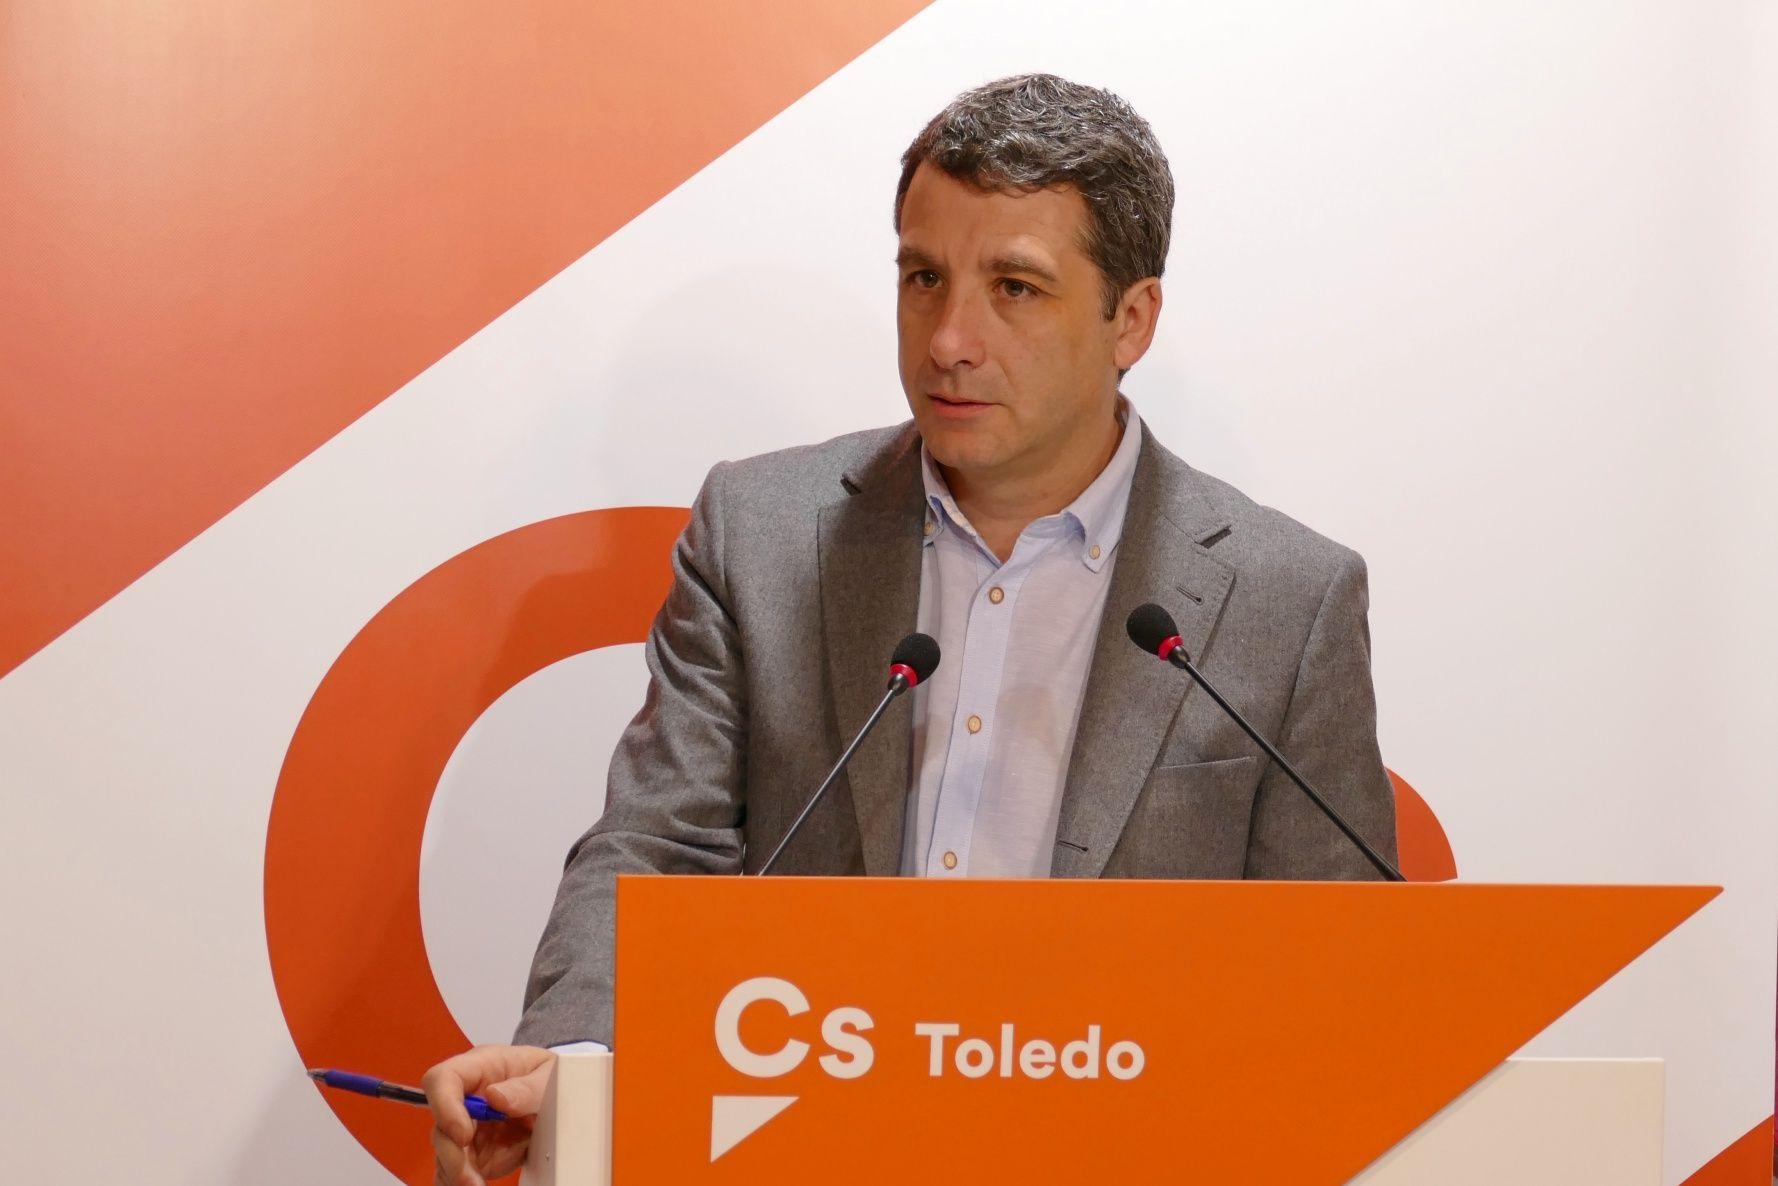 """Esteban Paños: """"los presupuestos de PSOE y Ganemos para 2019 olvidan importantes acuerdos y no proyectan cambios de calado para Toledo"""""""